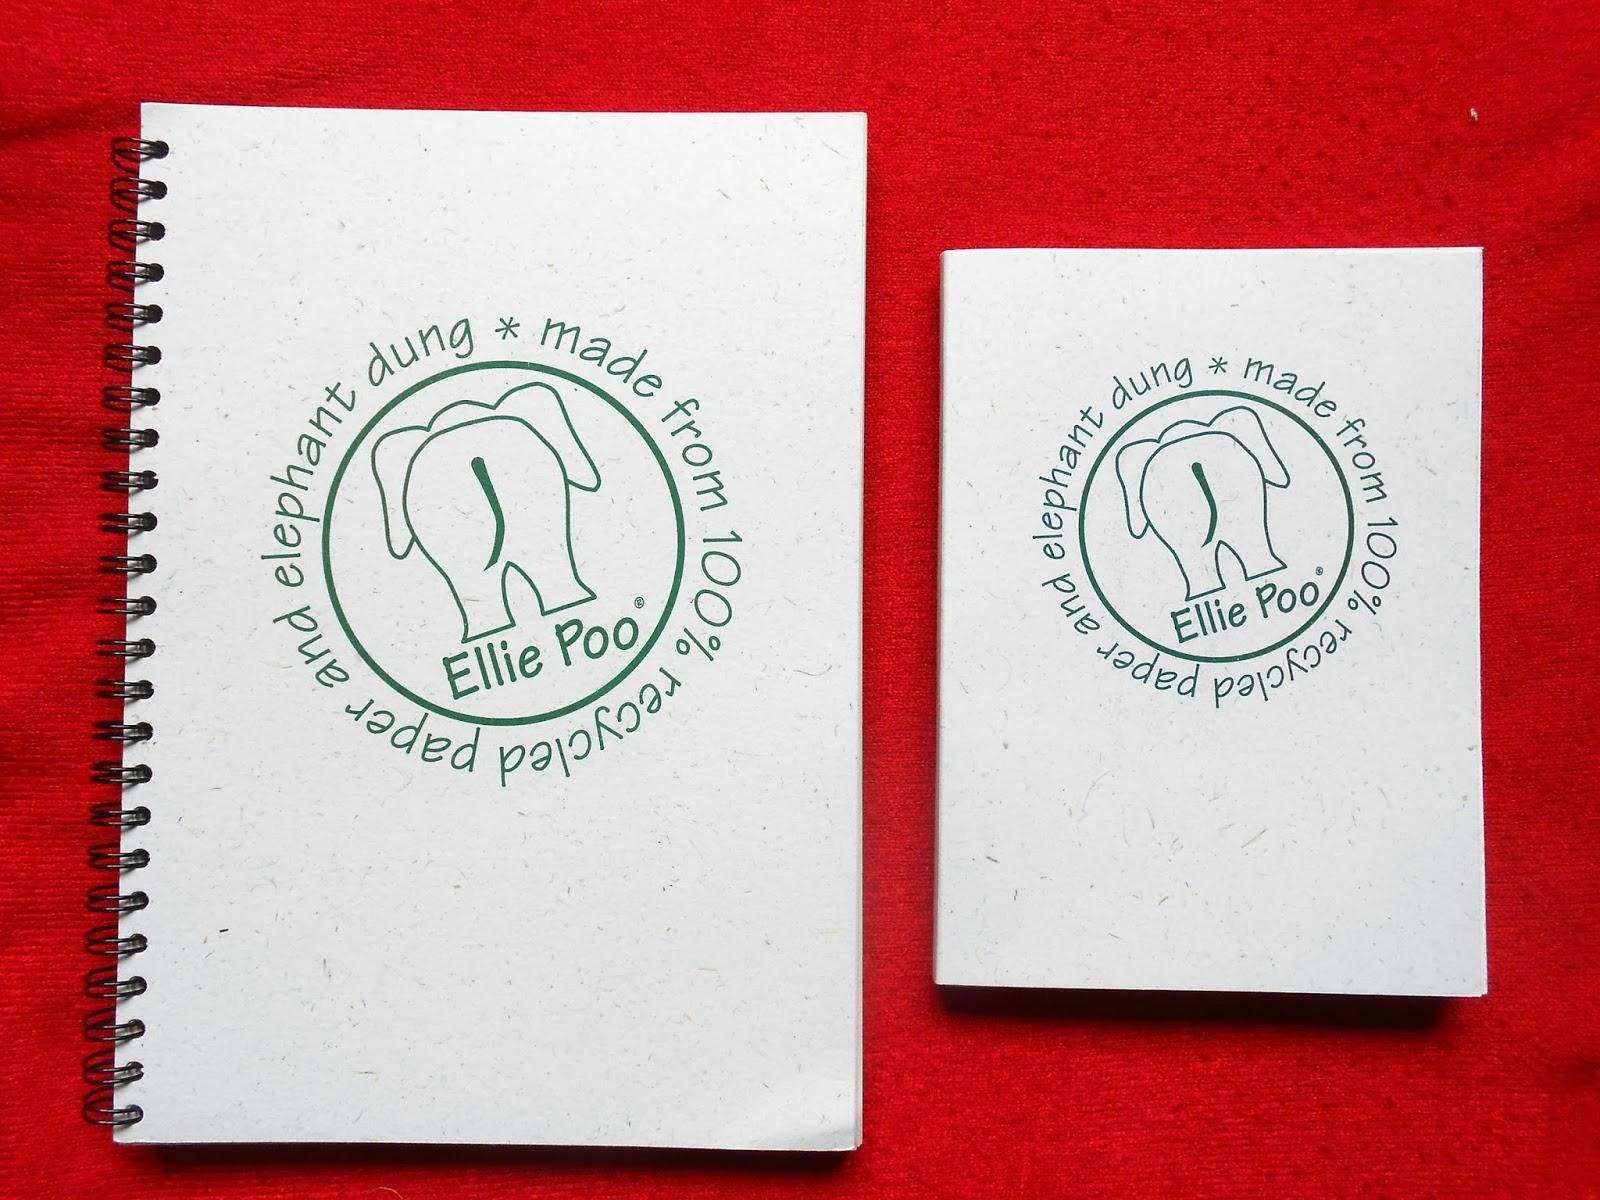 Ellie Poo Notebook & Pad